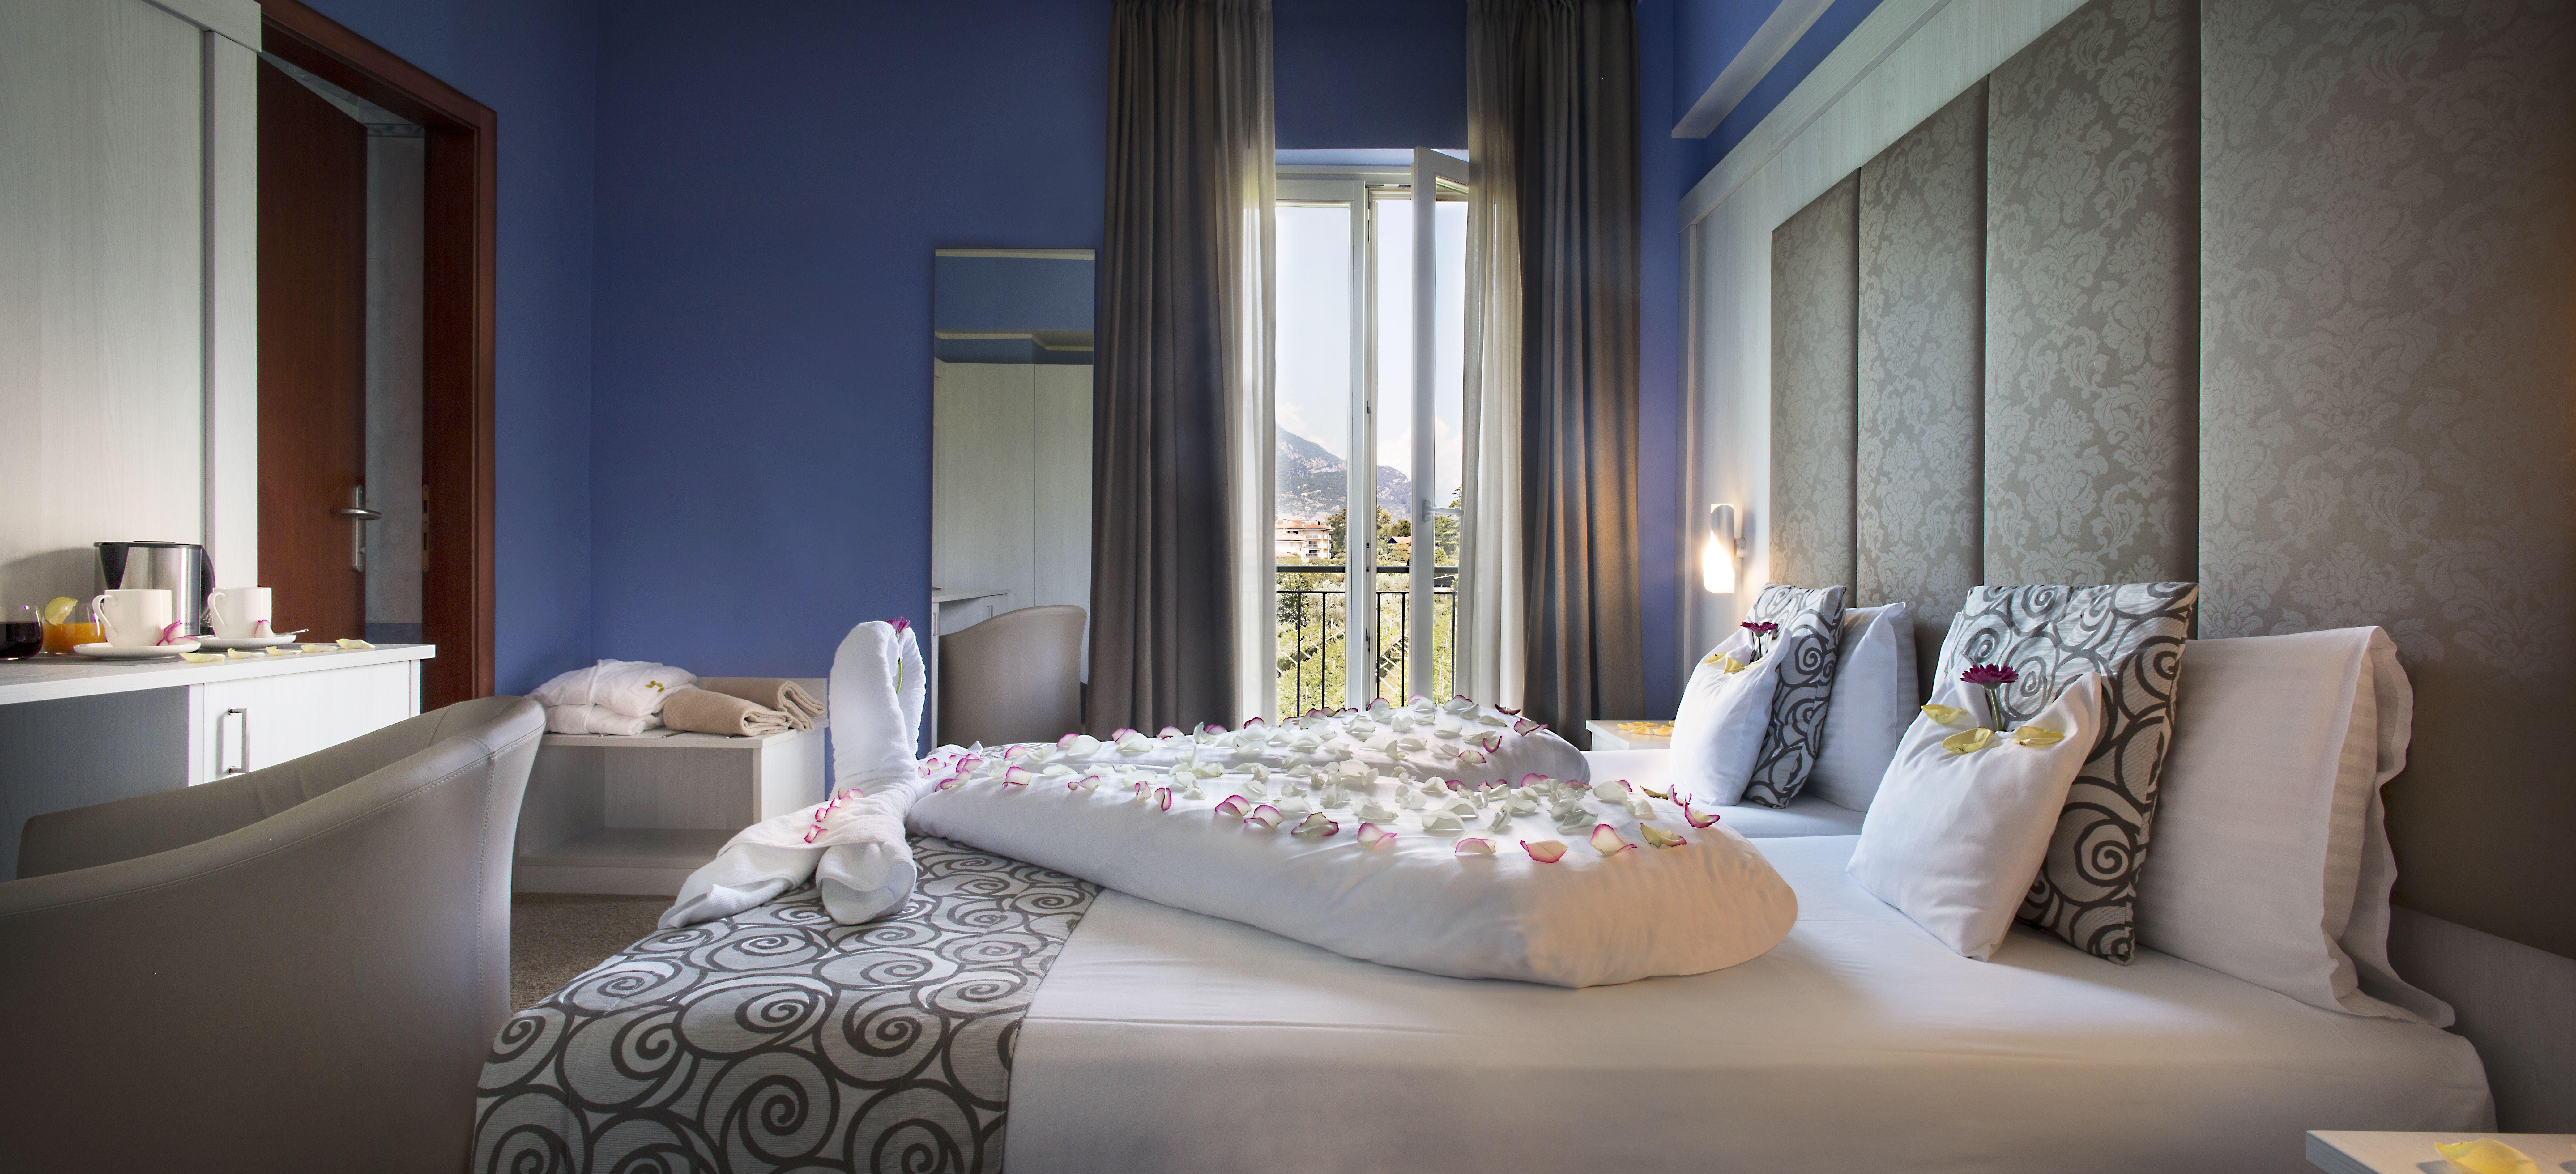 Pin di Villa Nicolli Romantic Resort su Camere Rooms